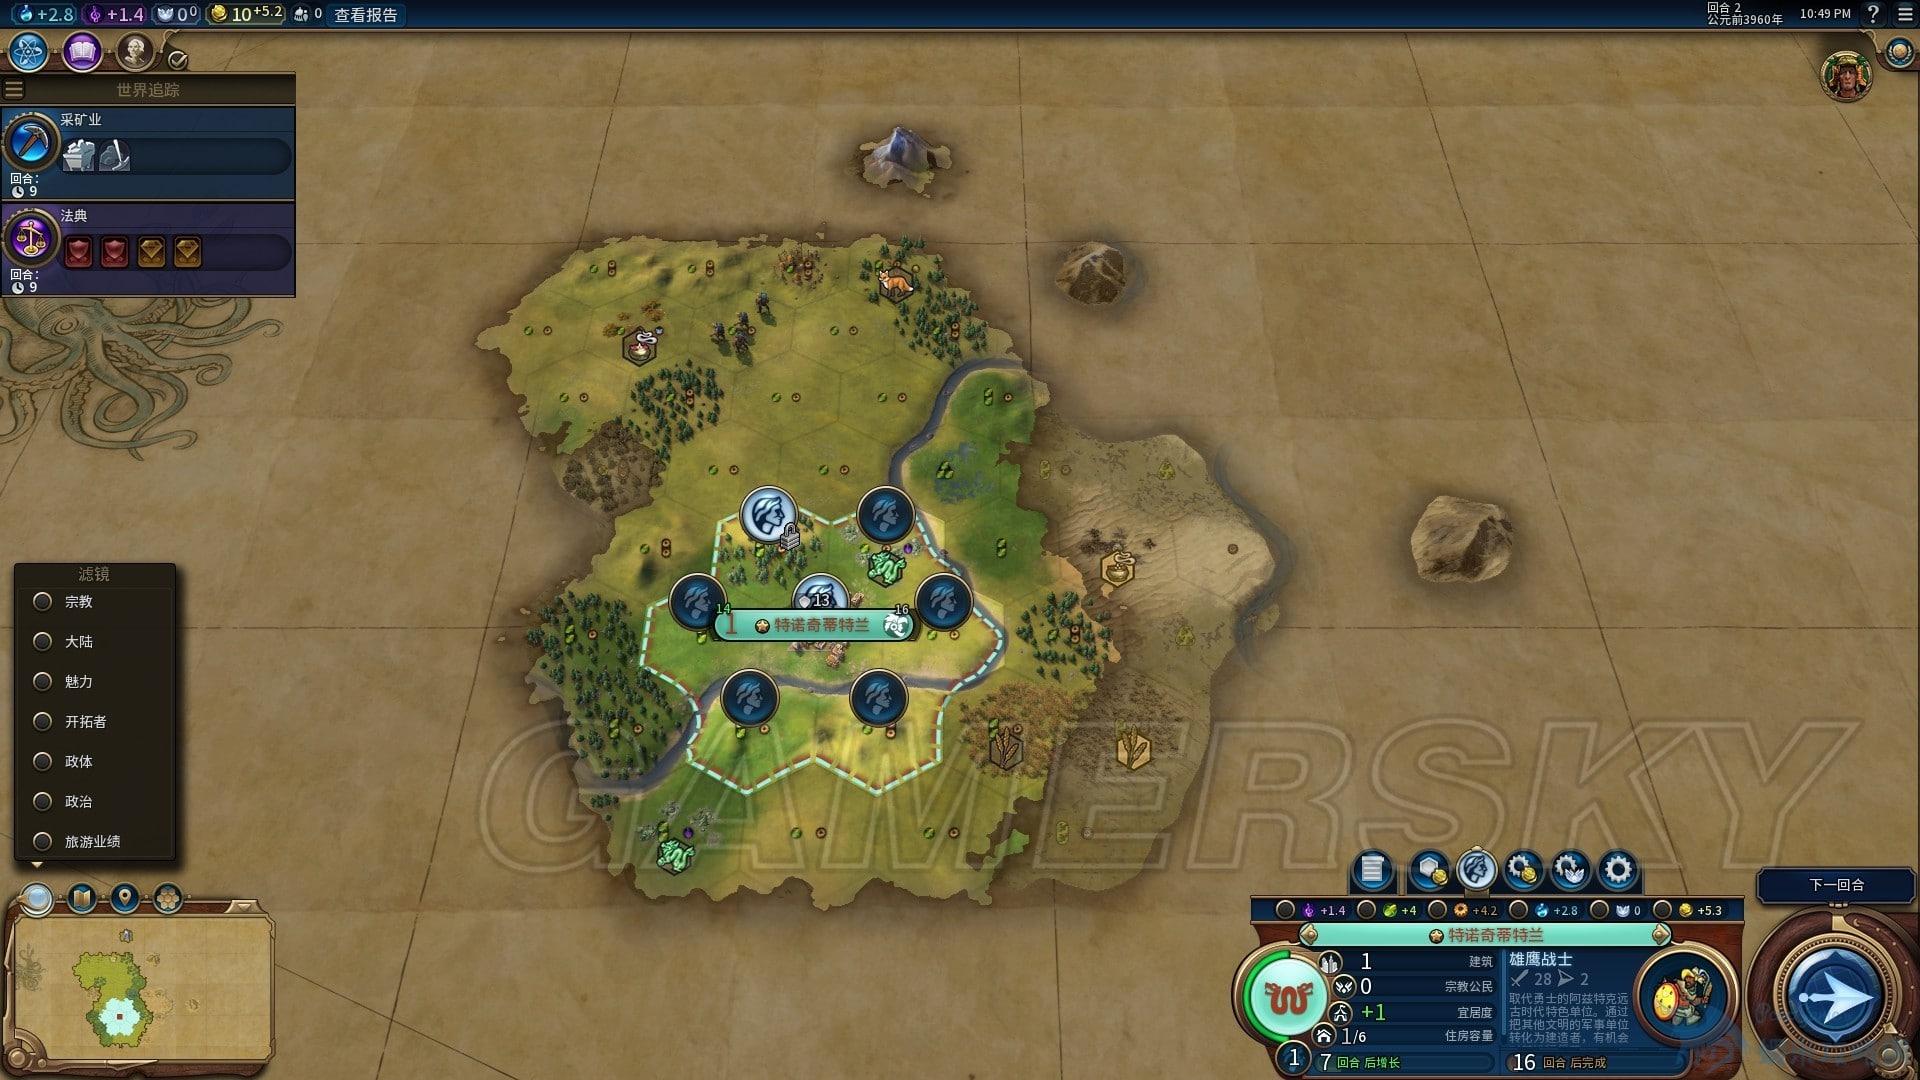 文明帝國 6 阿茲特克神級標準征服心得